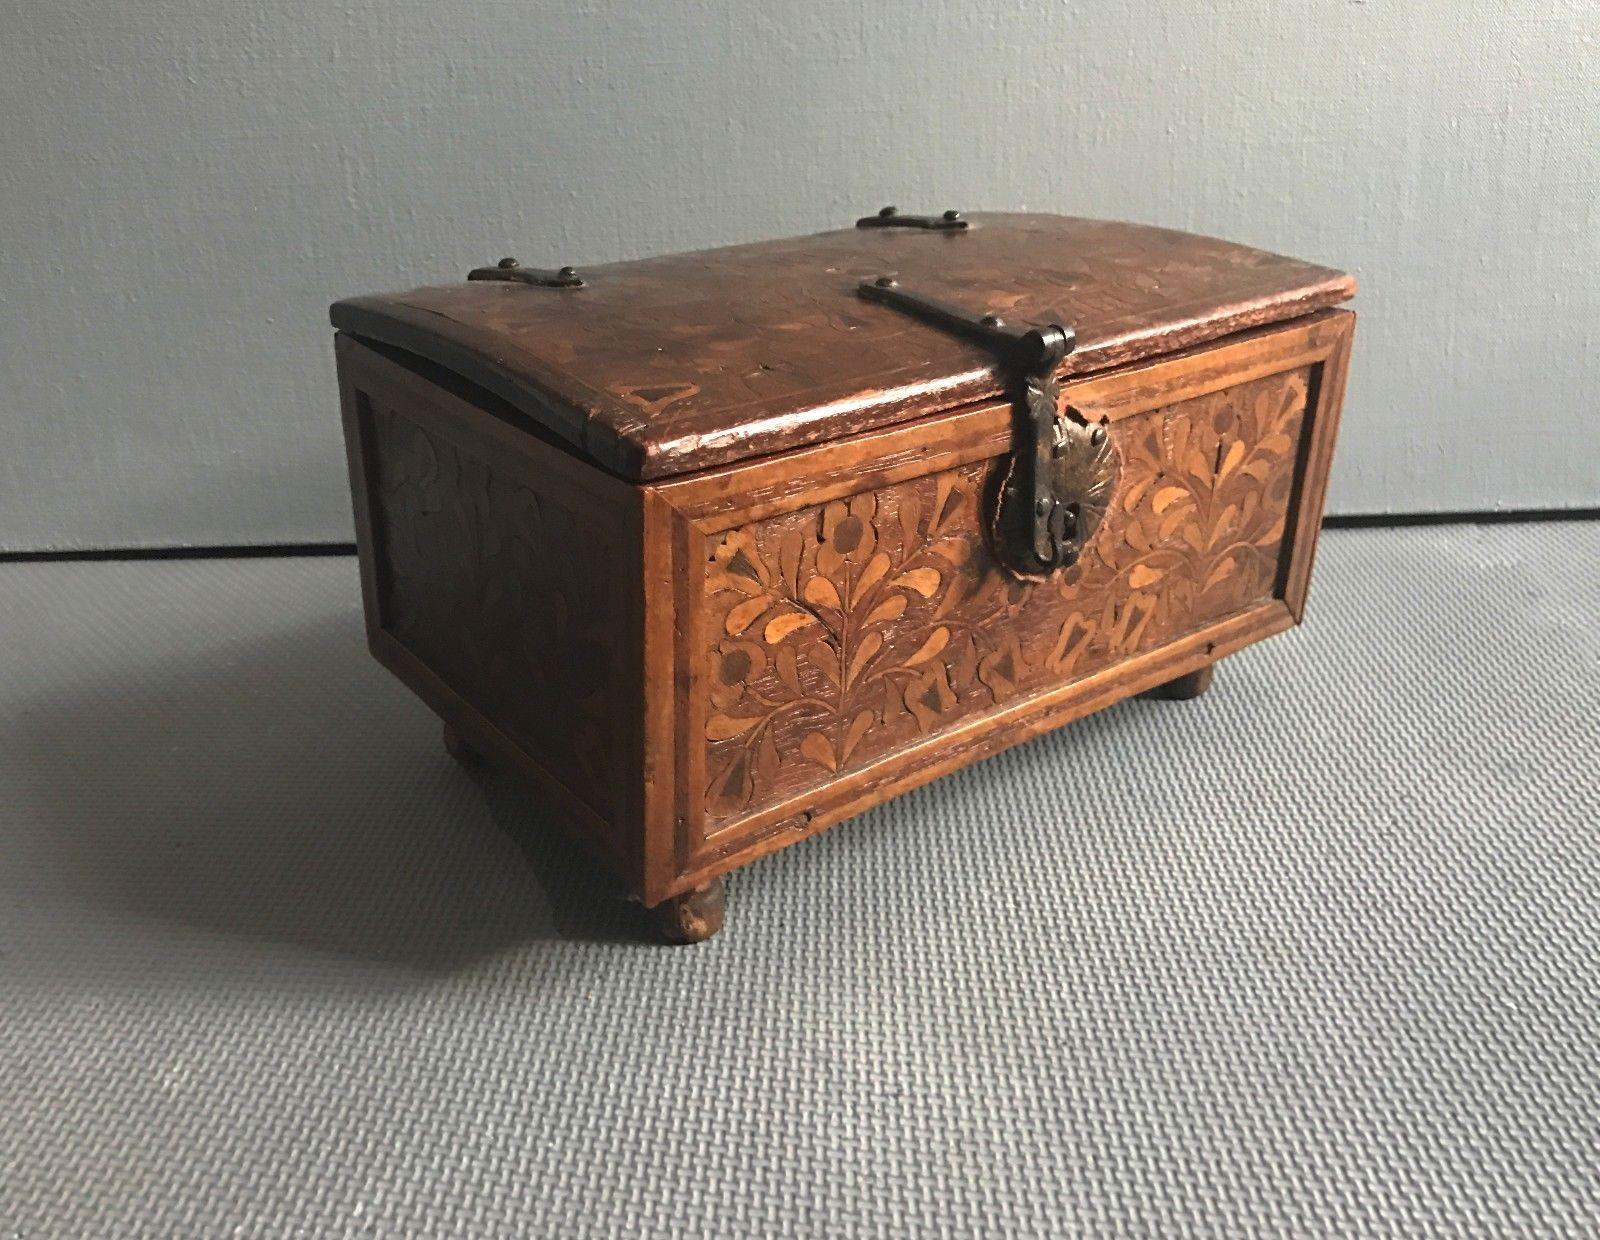 teremok_antiques_peru_casket_1.jpg